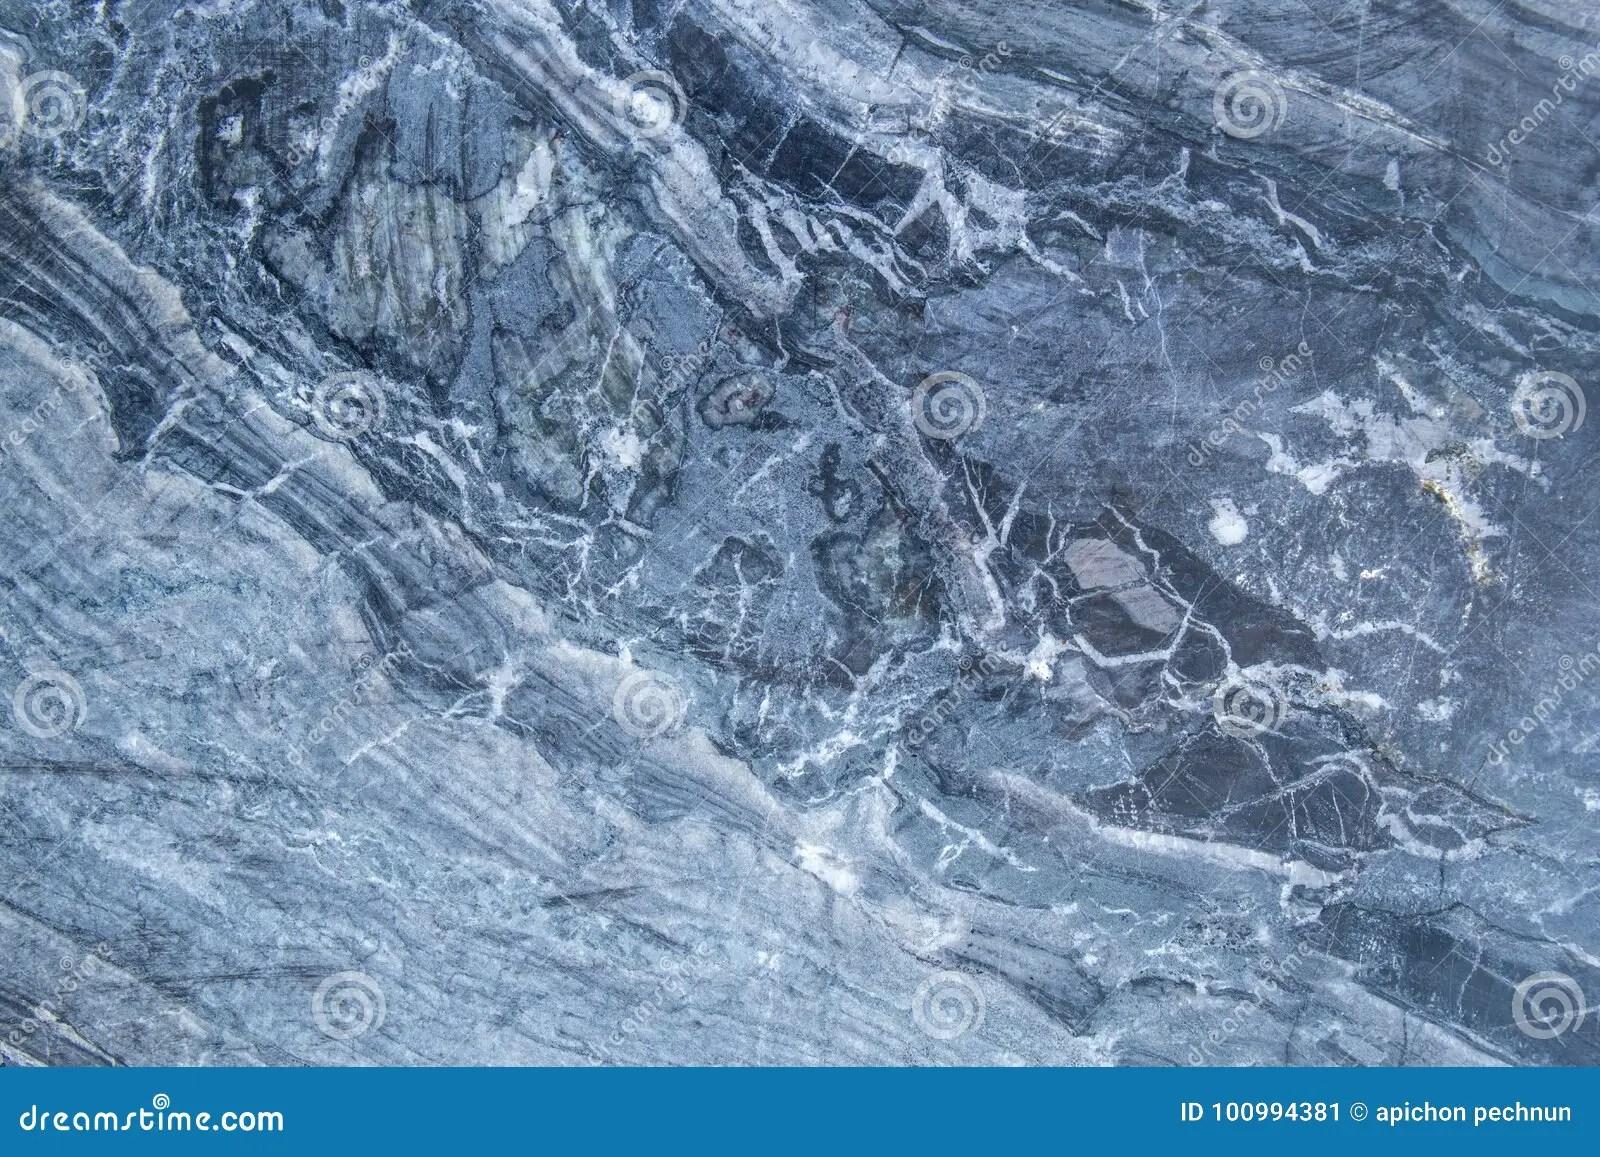 自然灰色和黑大理石墻壁樣式和紋理為 庫存圖片. 圖片 包括有 自然灰色和黑大理石墻壁樣式和紋理為 - 100994381